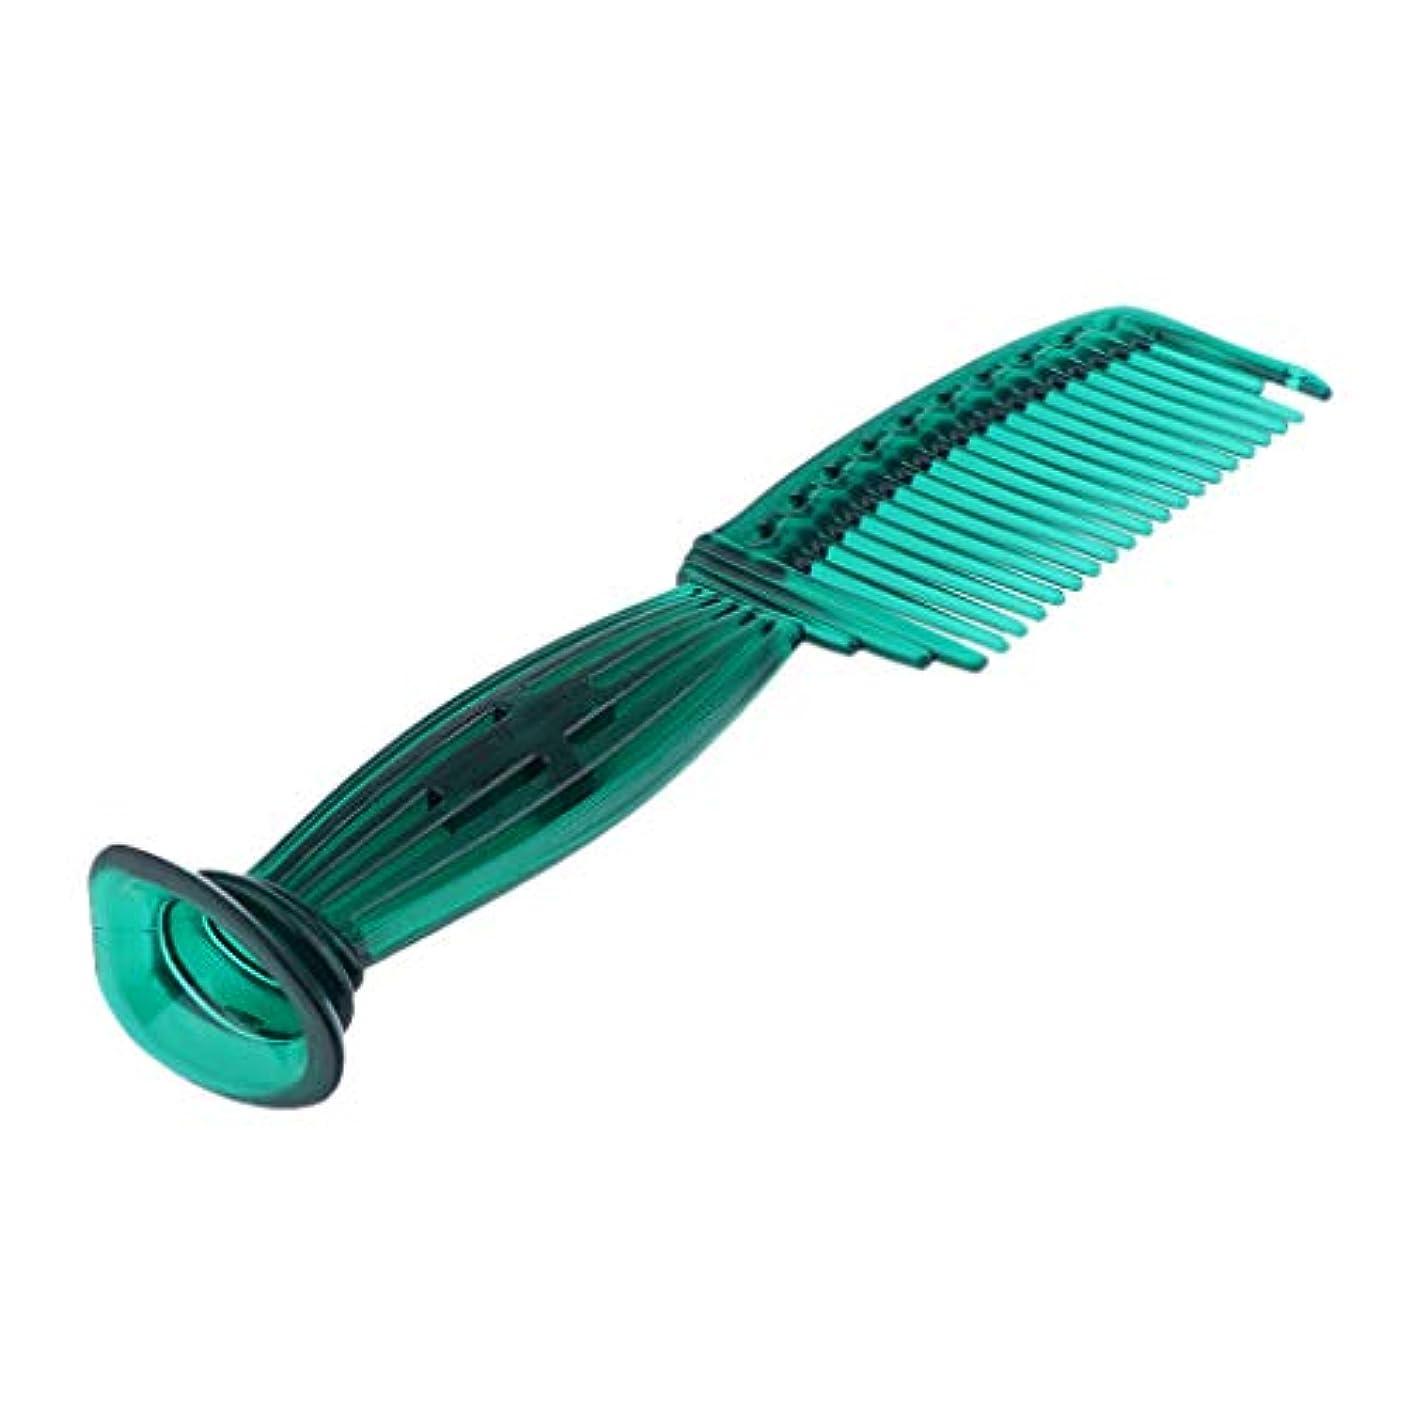 慣らす無意識フェードヘアコーム ヘアブラシ ラウンドチップ ワイドスペースの歯 頭皮保護 櫛 5色選べ - 緑